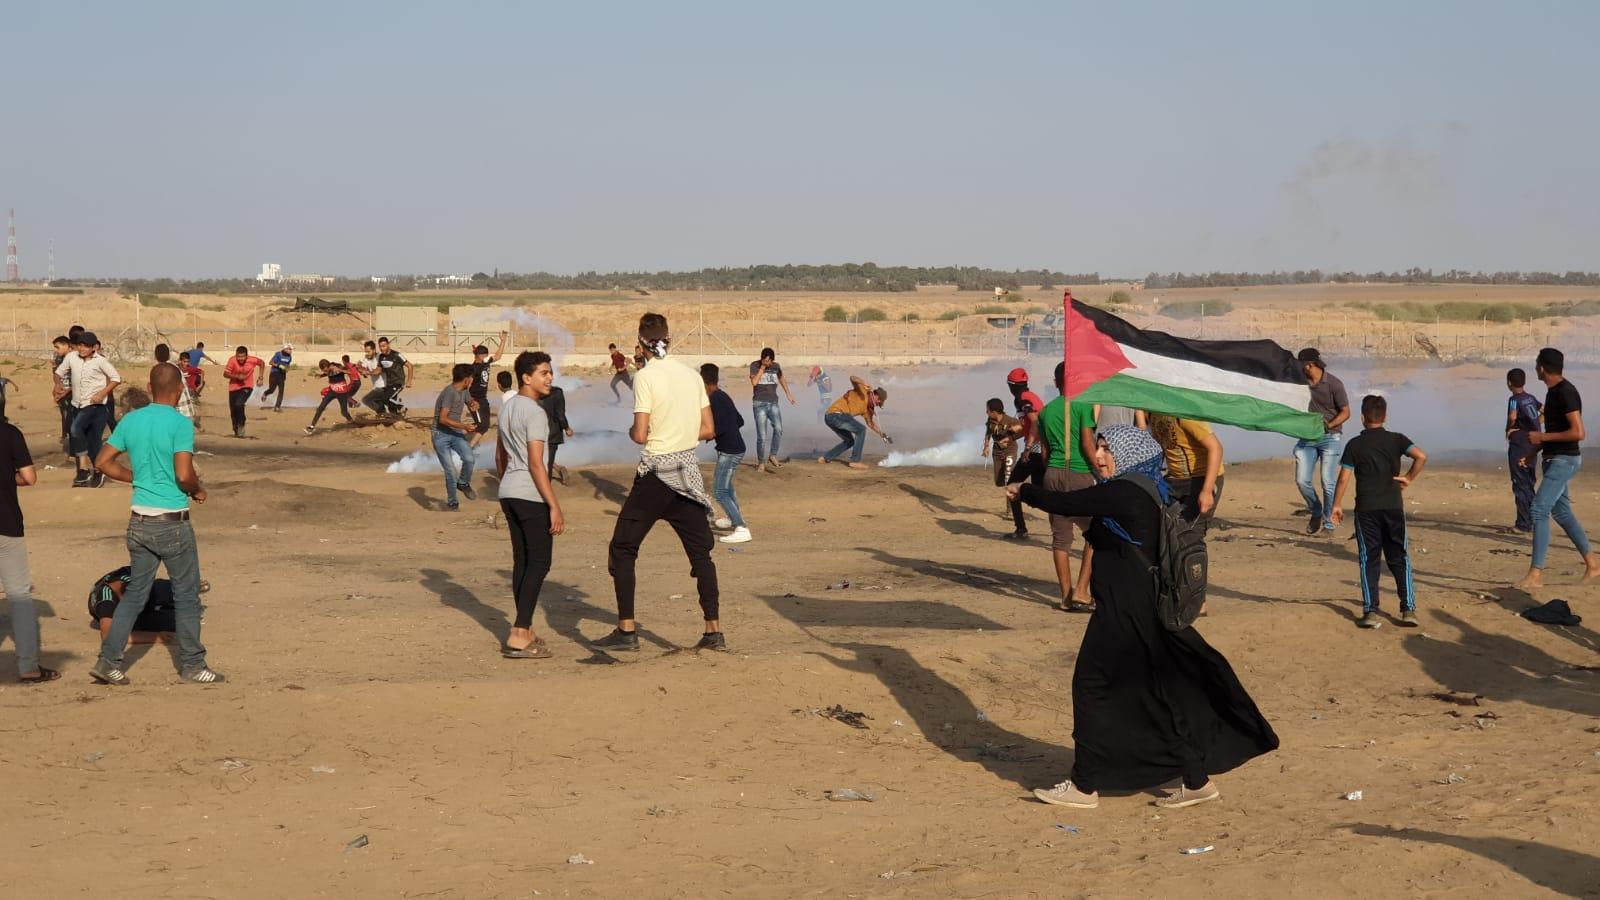 Striscia di Gaza, 109 Palestinesi feriti dalle forze israeliane